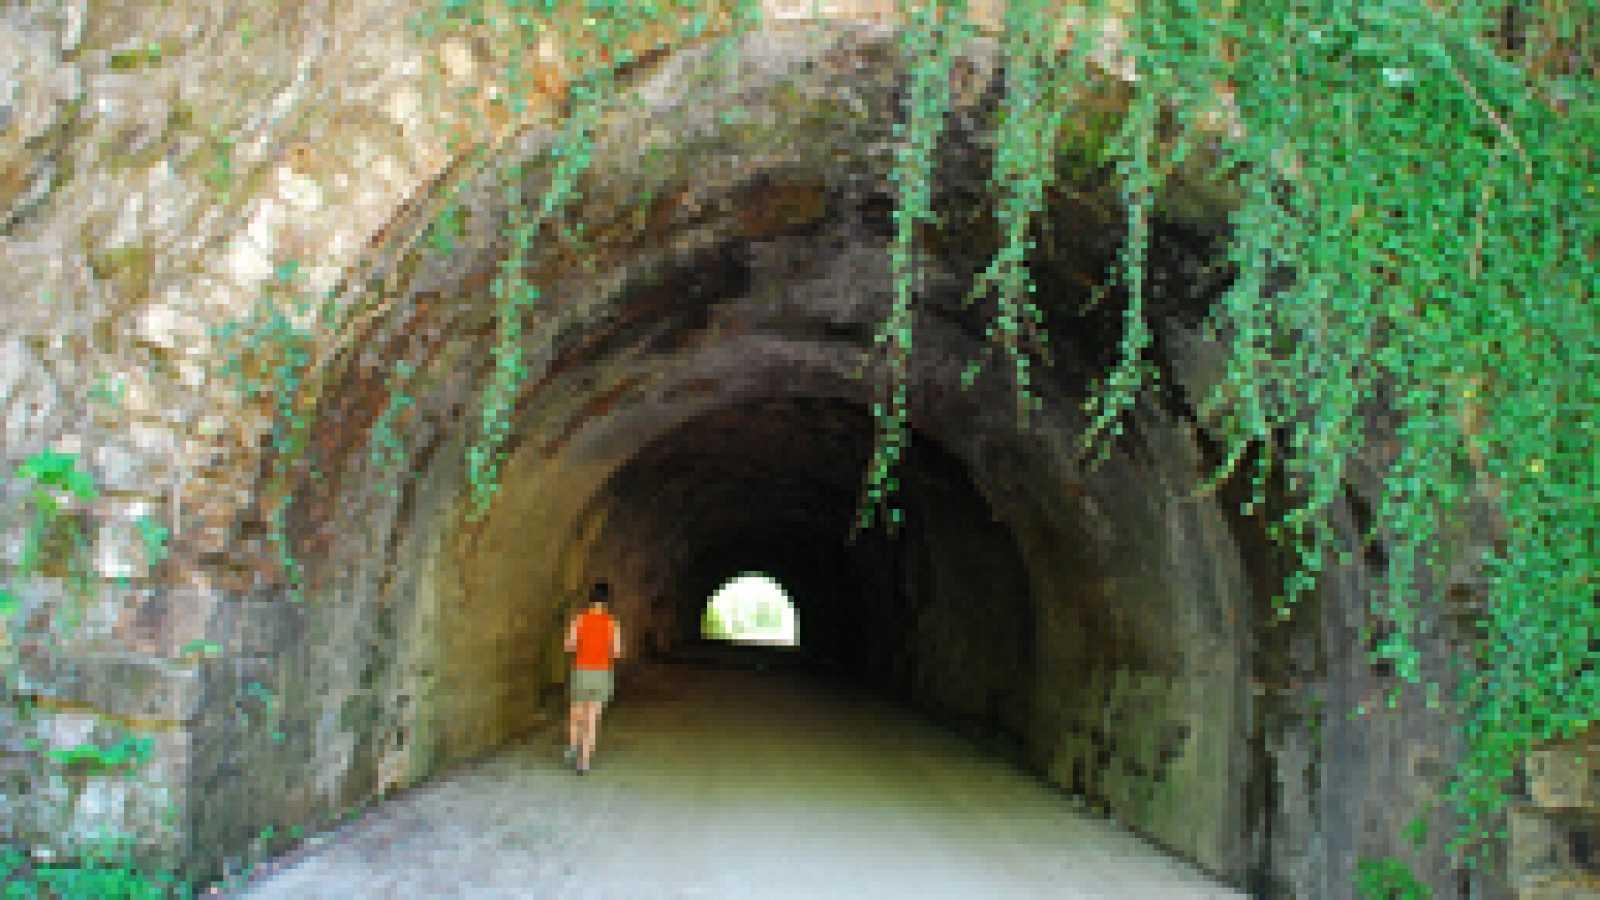 En clave Turismo - Recorremos las Vías Verdes de los Montes de Hierro, en Vizcaya - 19/03/19 - escuchar ahora